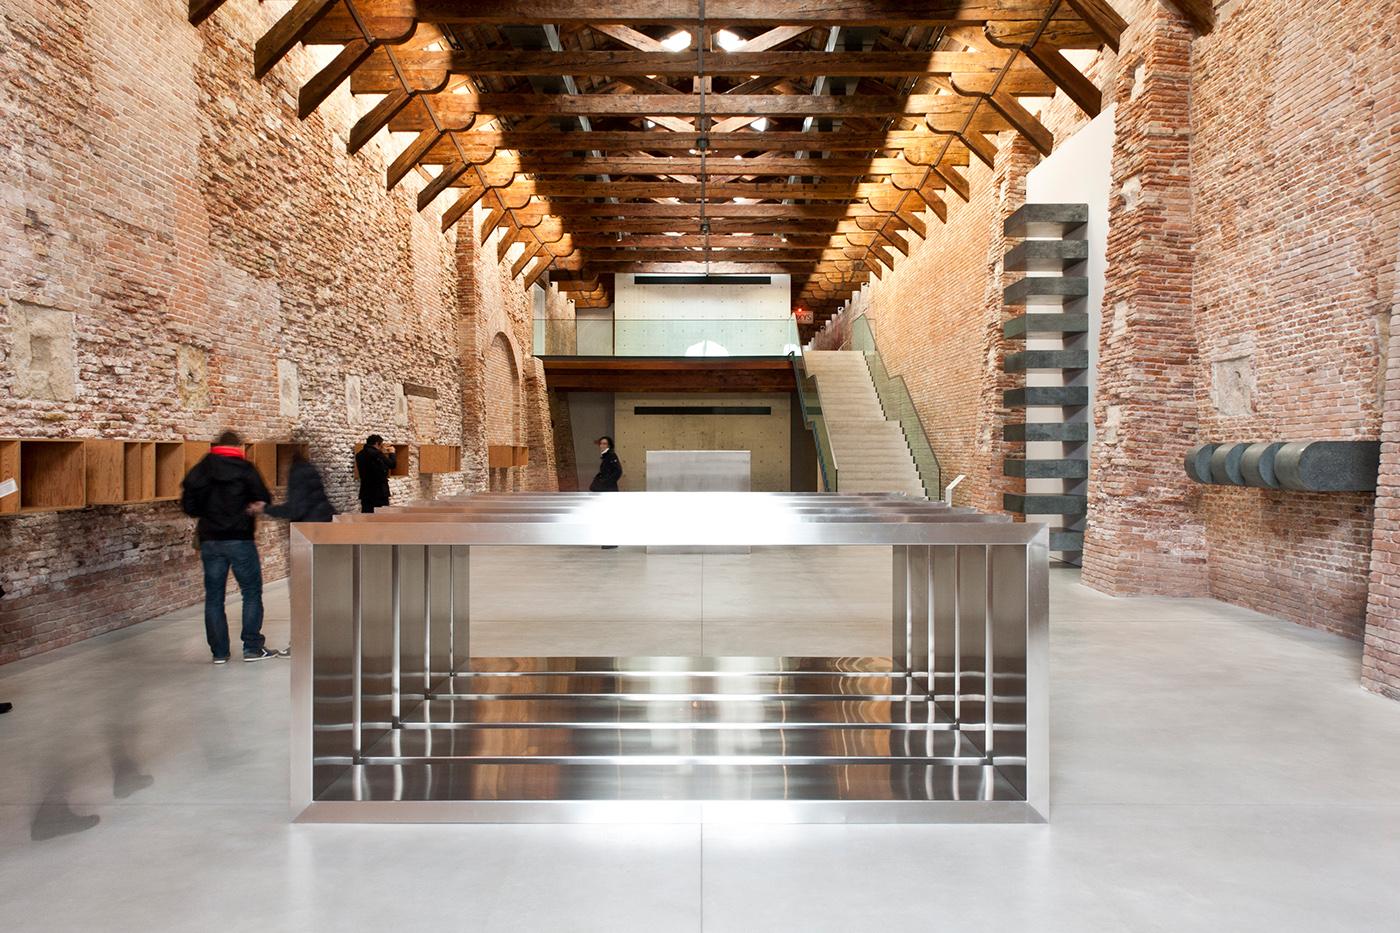 Tadao ando punta della dogana venezia on behance for Tadao ando venezia